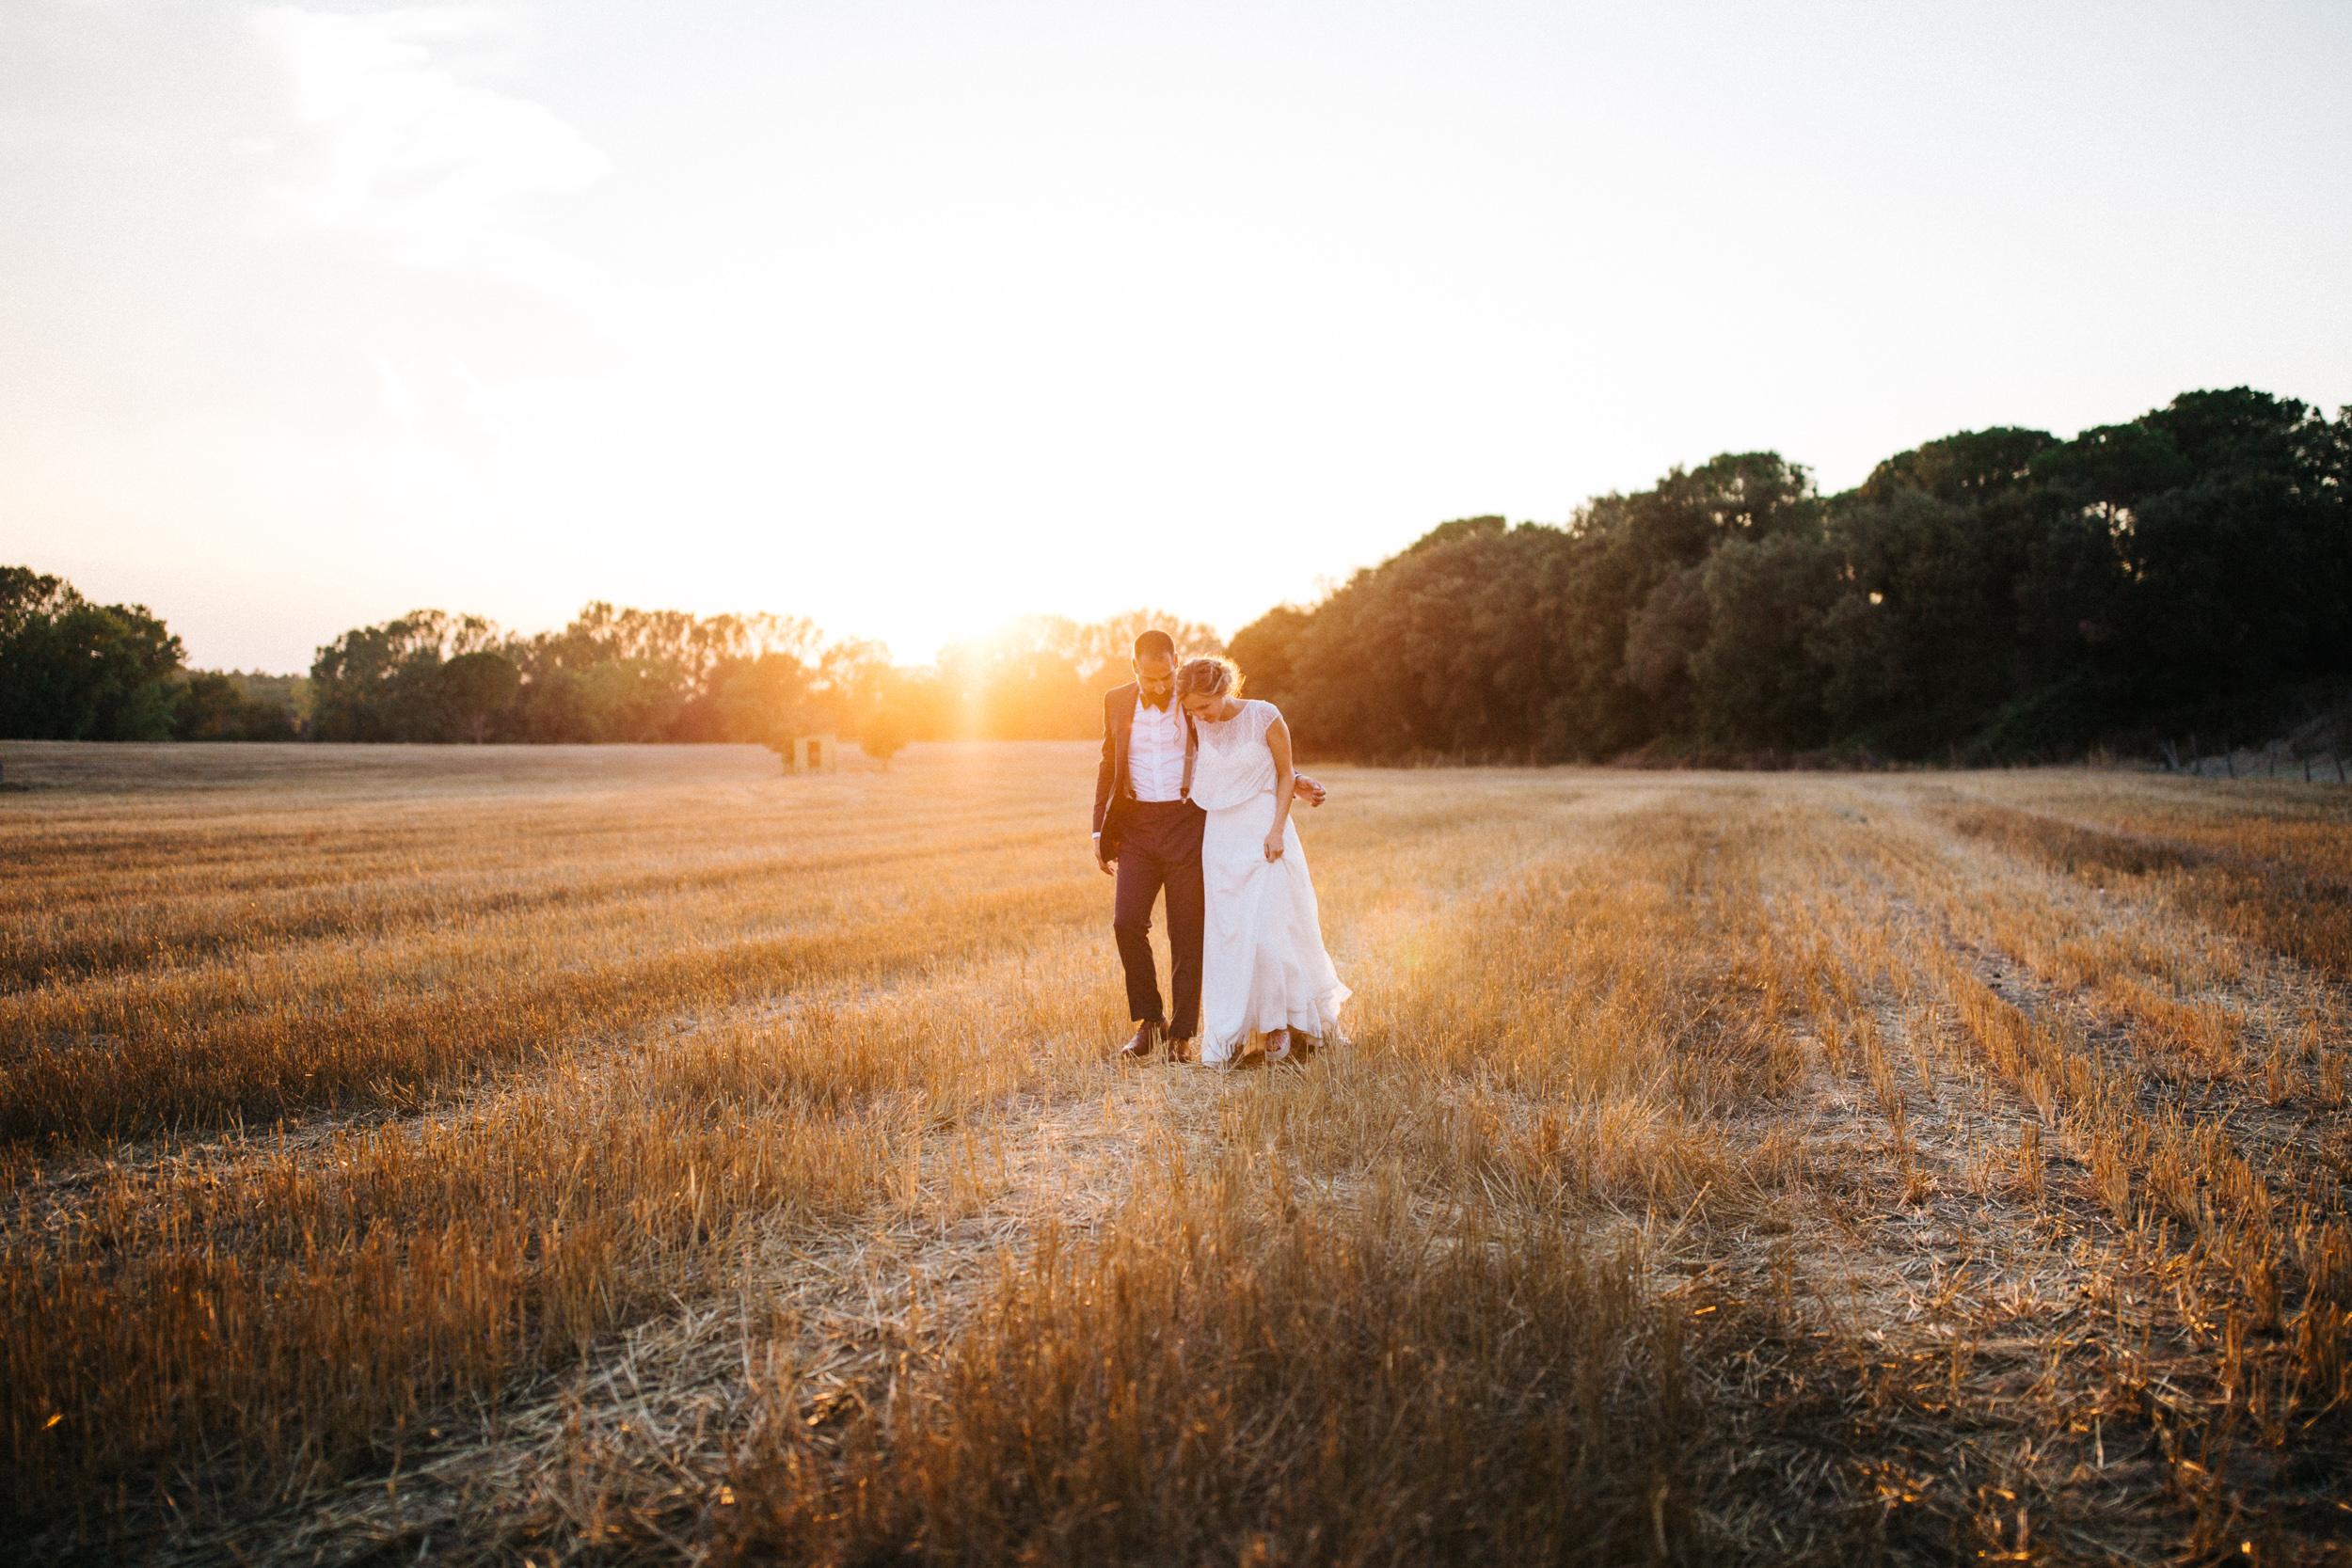 fotografos de boda en valencia.jpg